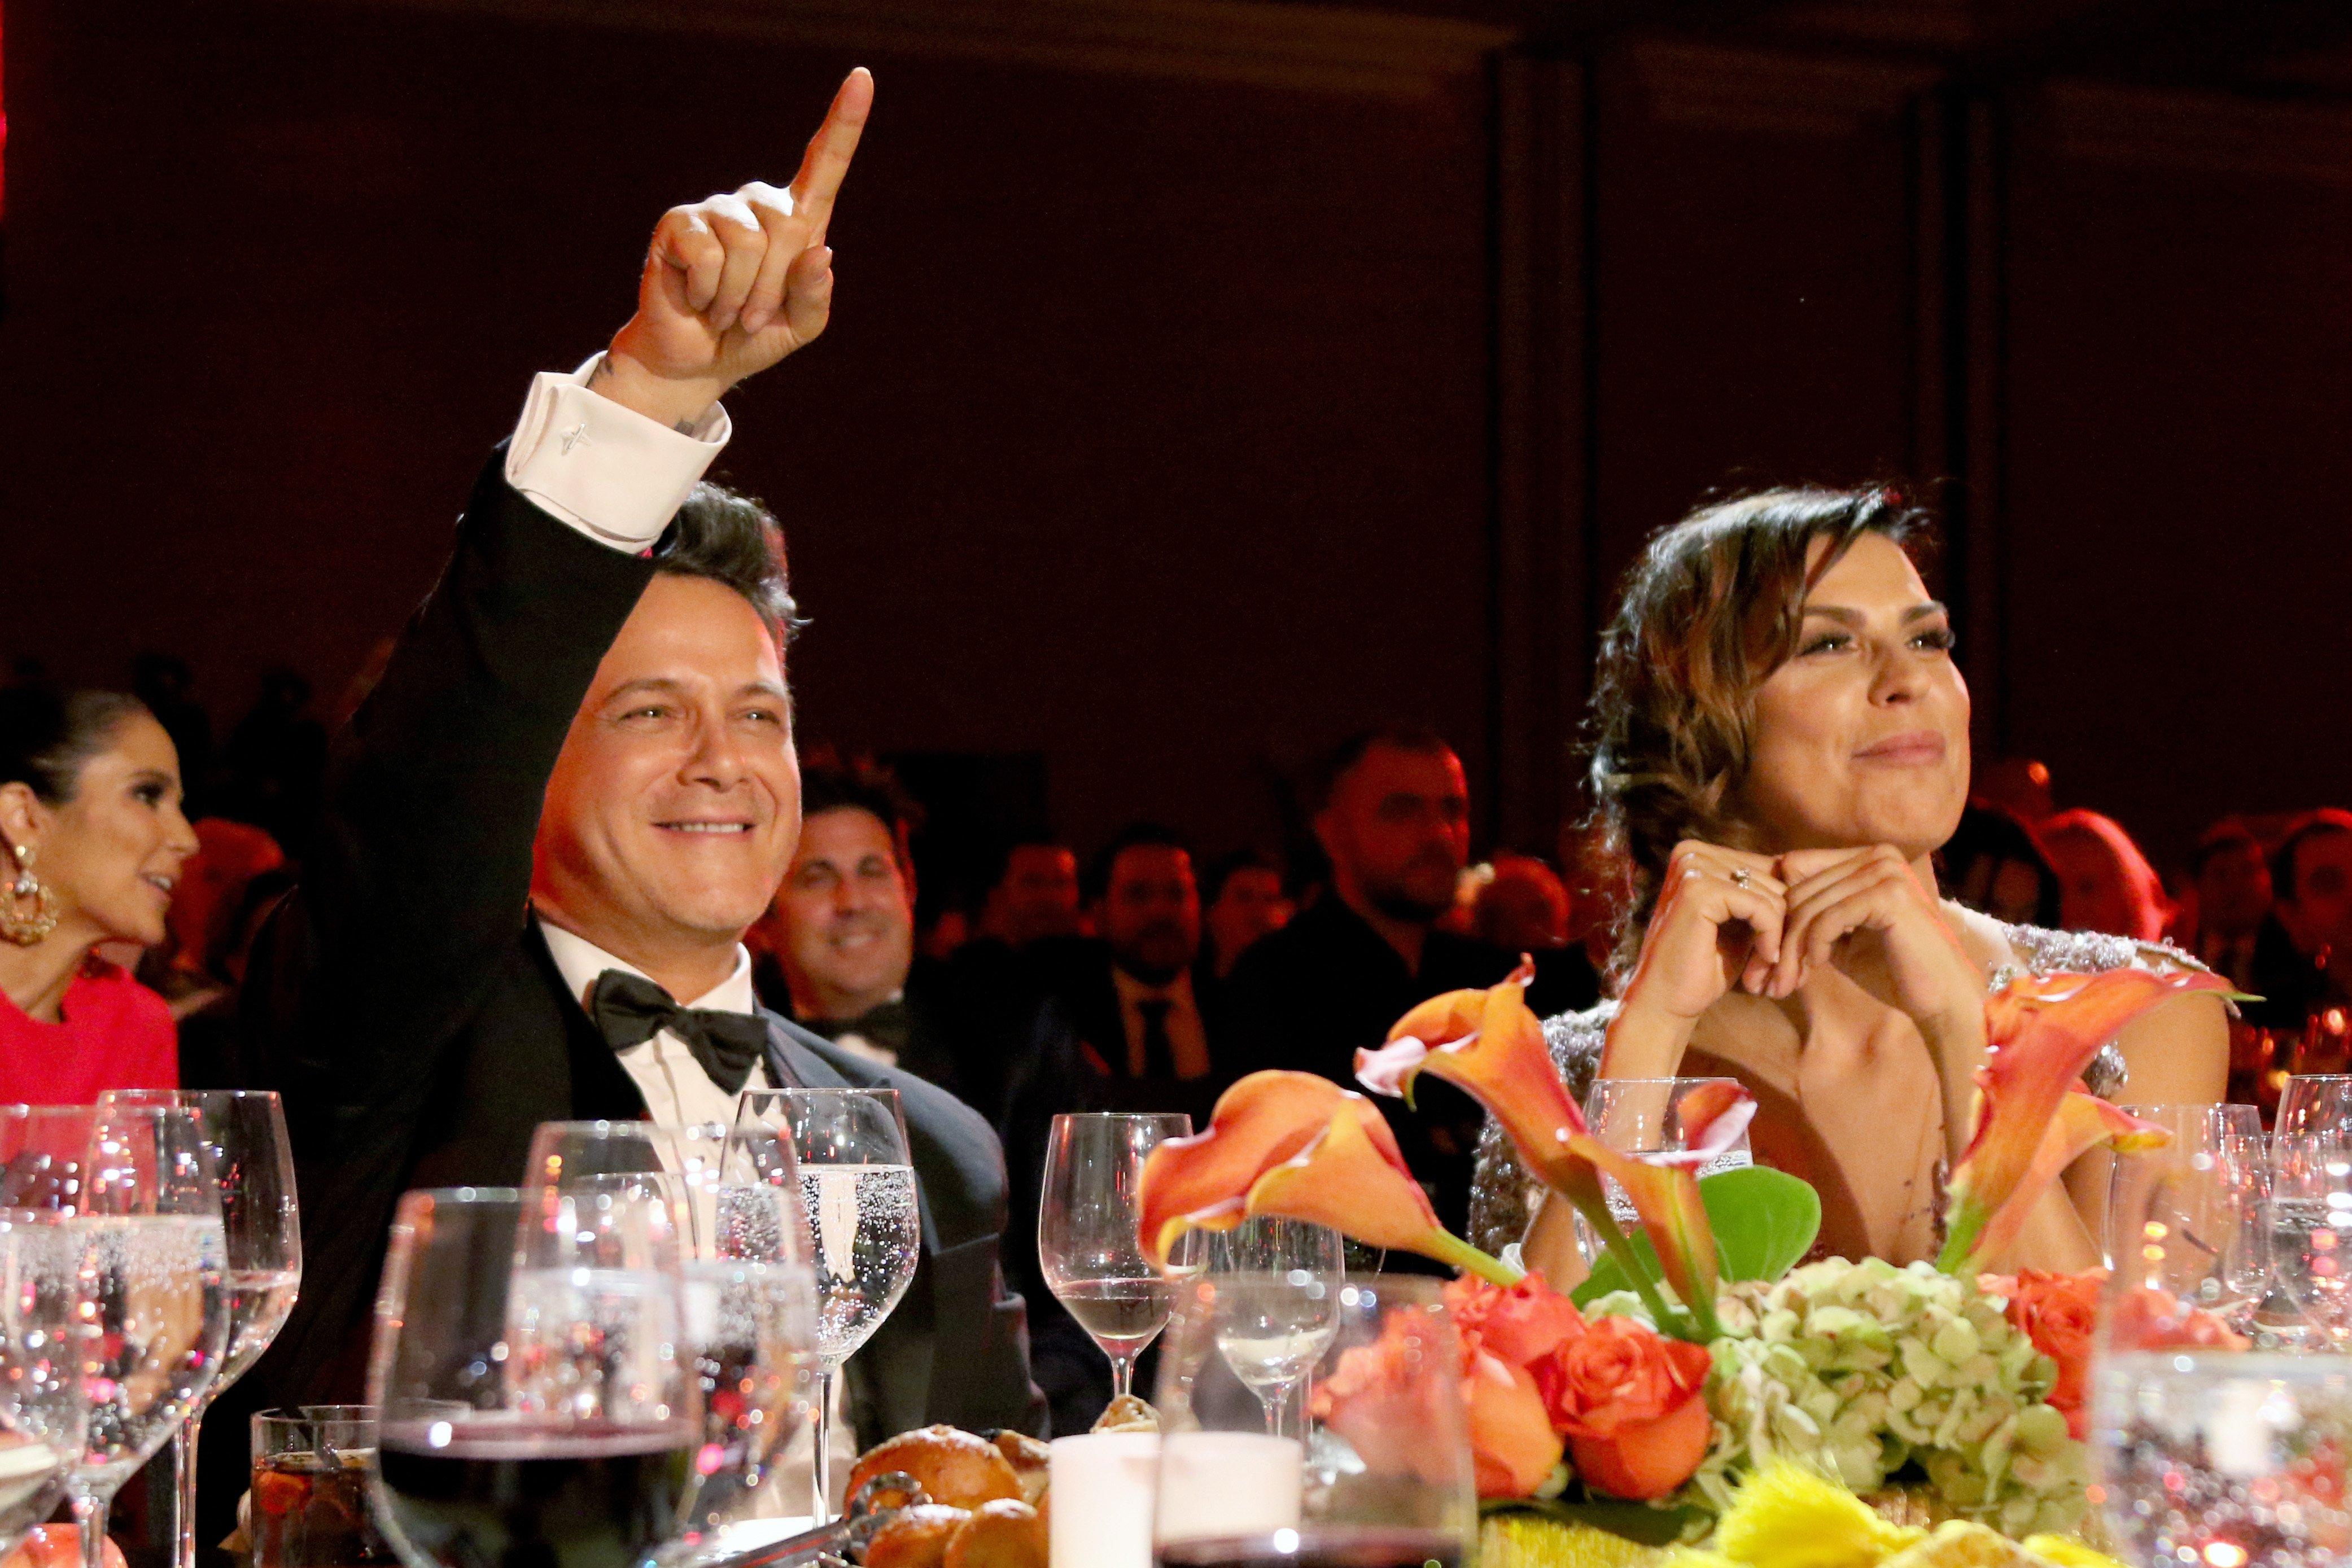 Alejandro Sanz y Raquel Perera en 2017 || Fuente: Getty Images